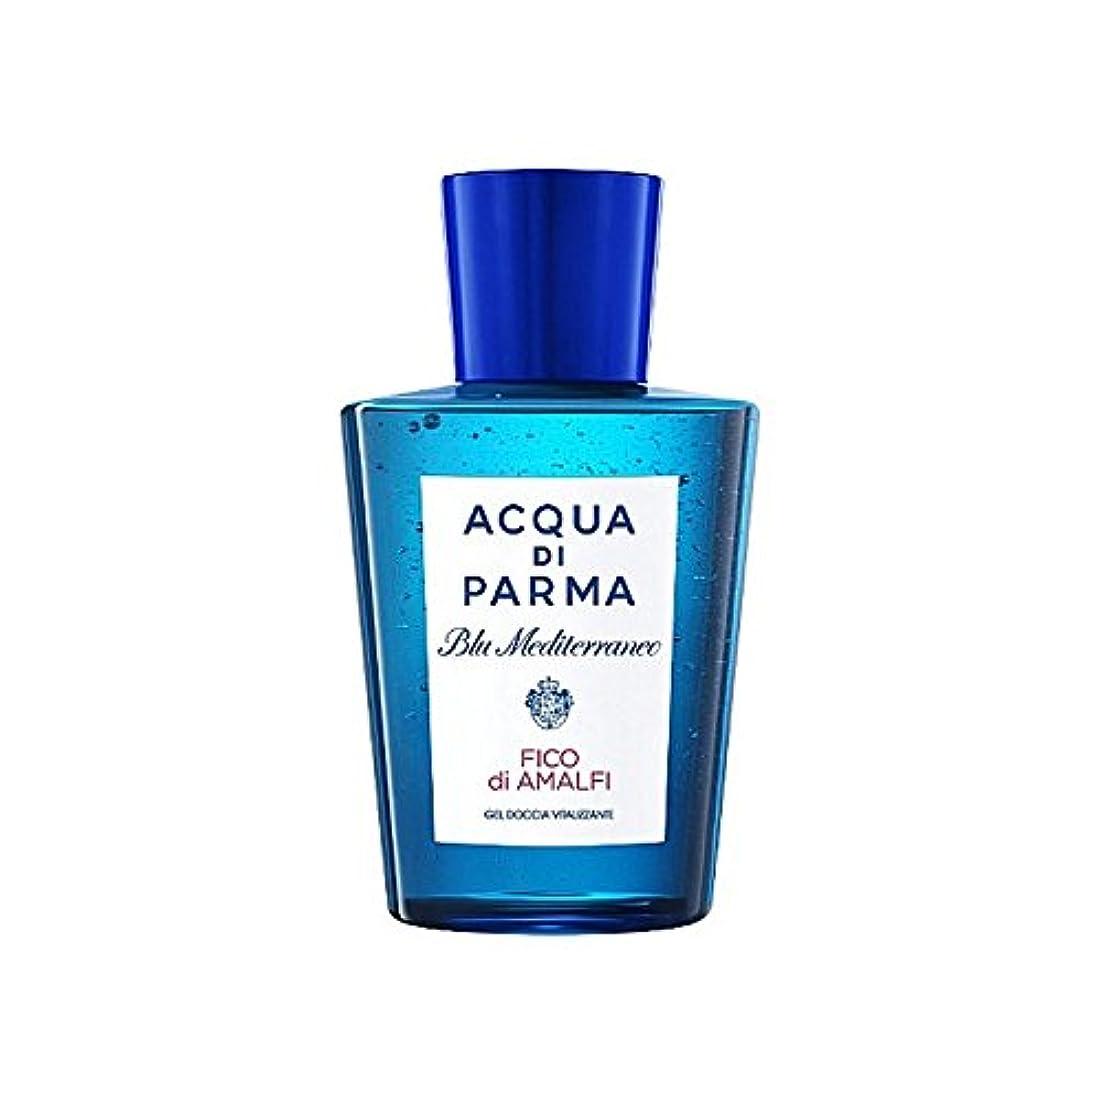 部族ロック解除ホステスAcqua Di Parma Blu Mediterraneo Fico Di Amalfi Shower Gel 200ml - アクアディパルマブルーメディジアマルフィシャワージェル200 [並行輸入品]